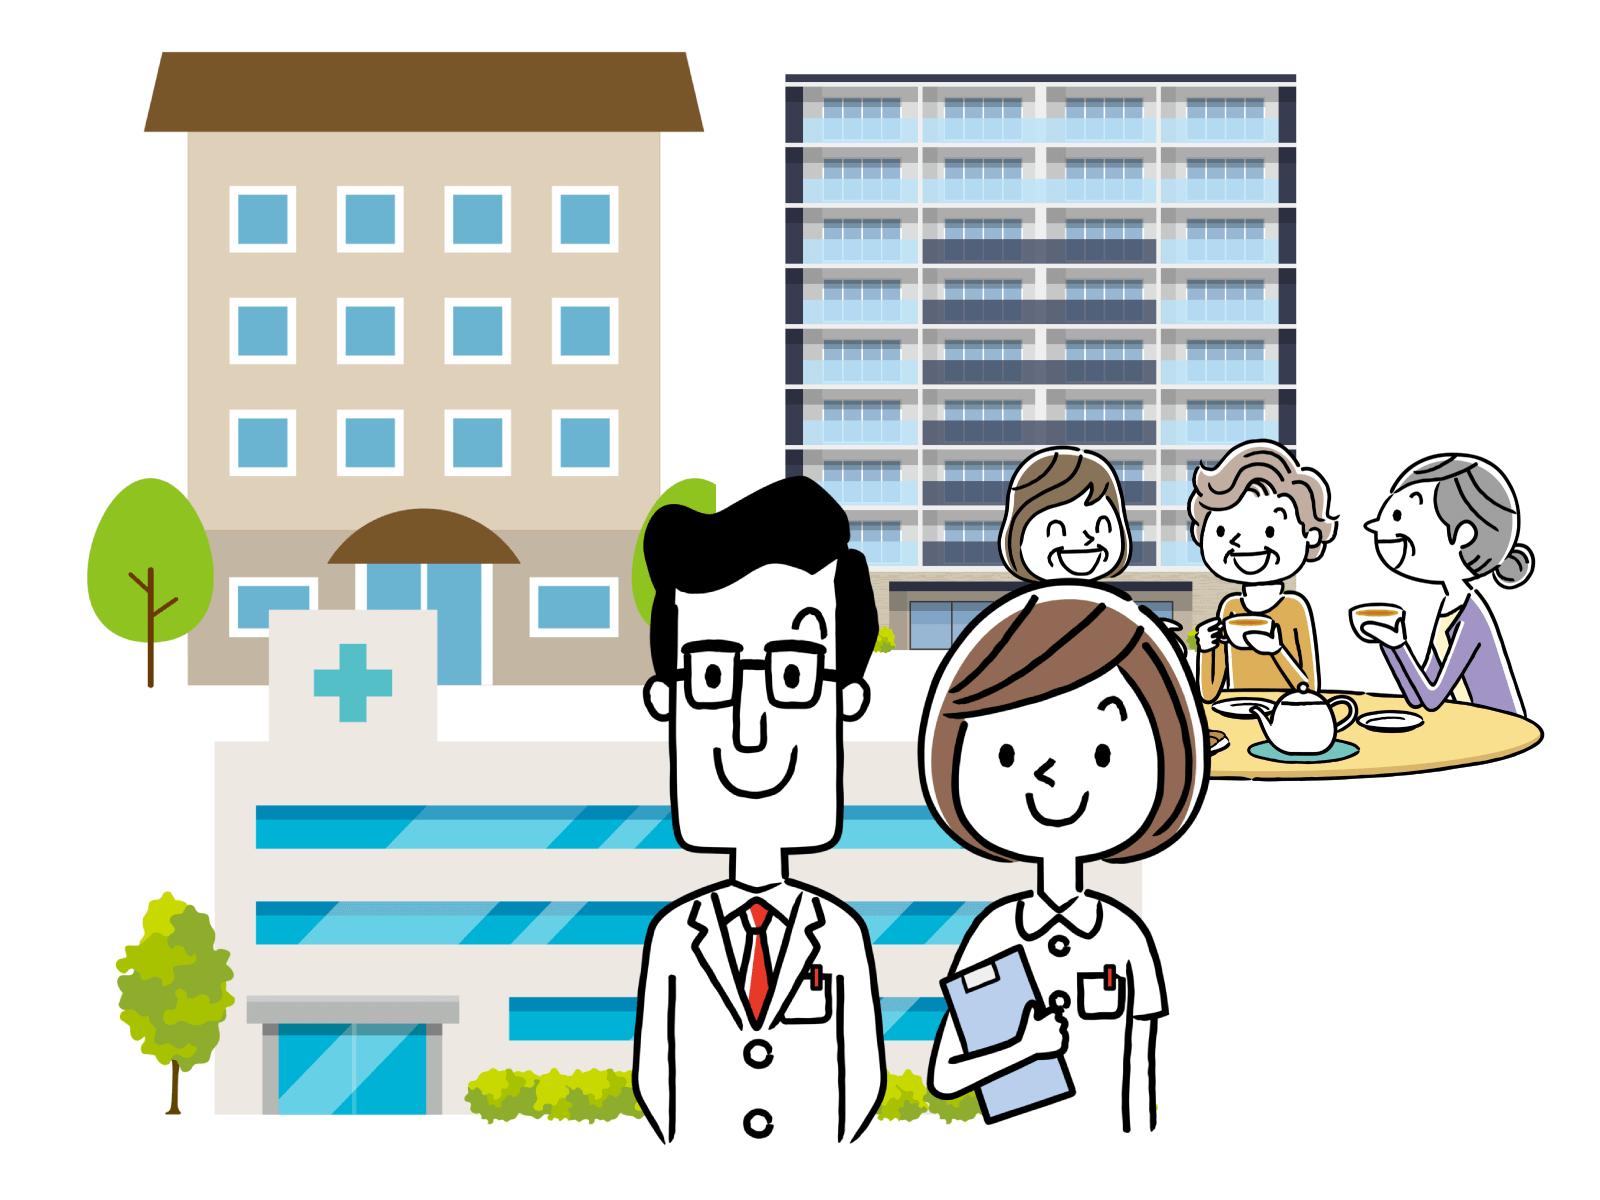 介護施設、病院、診療所が職場先のイメージイラスト